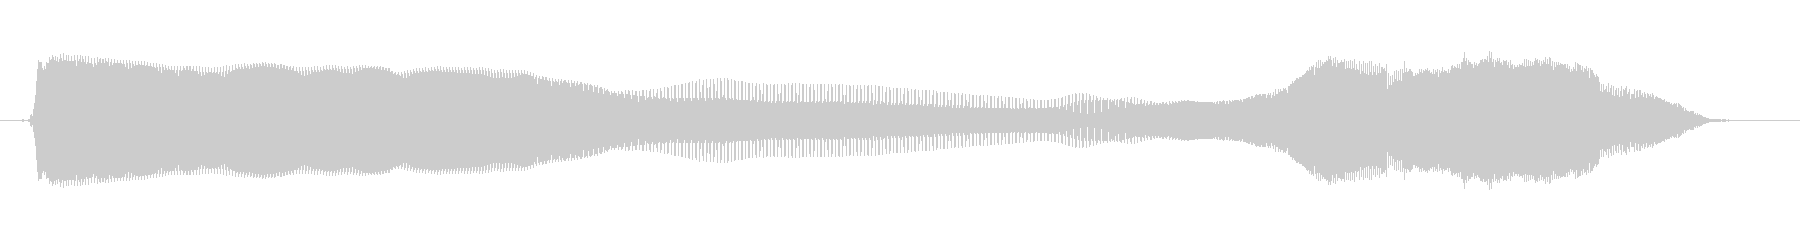 いーいーよーの未再生の波形